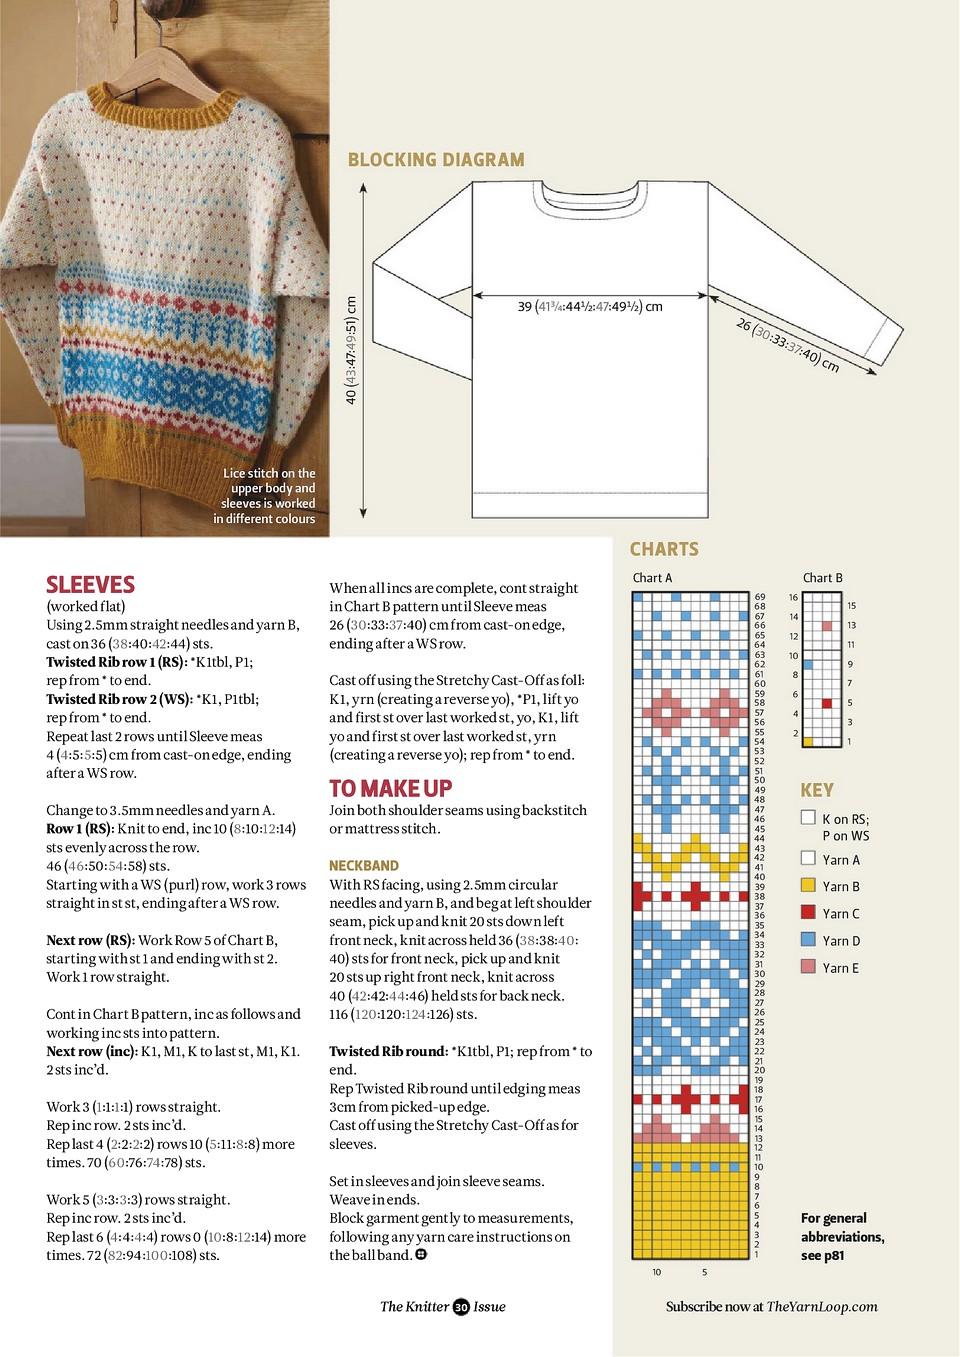 132The-Knitter-031